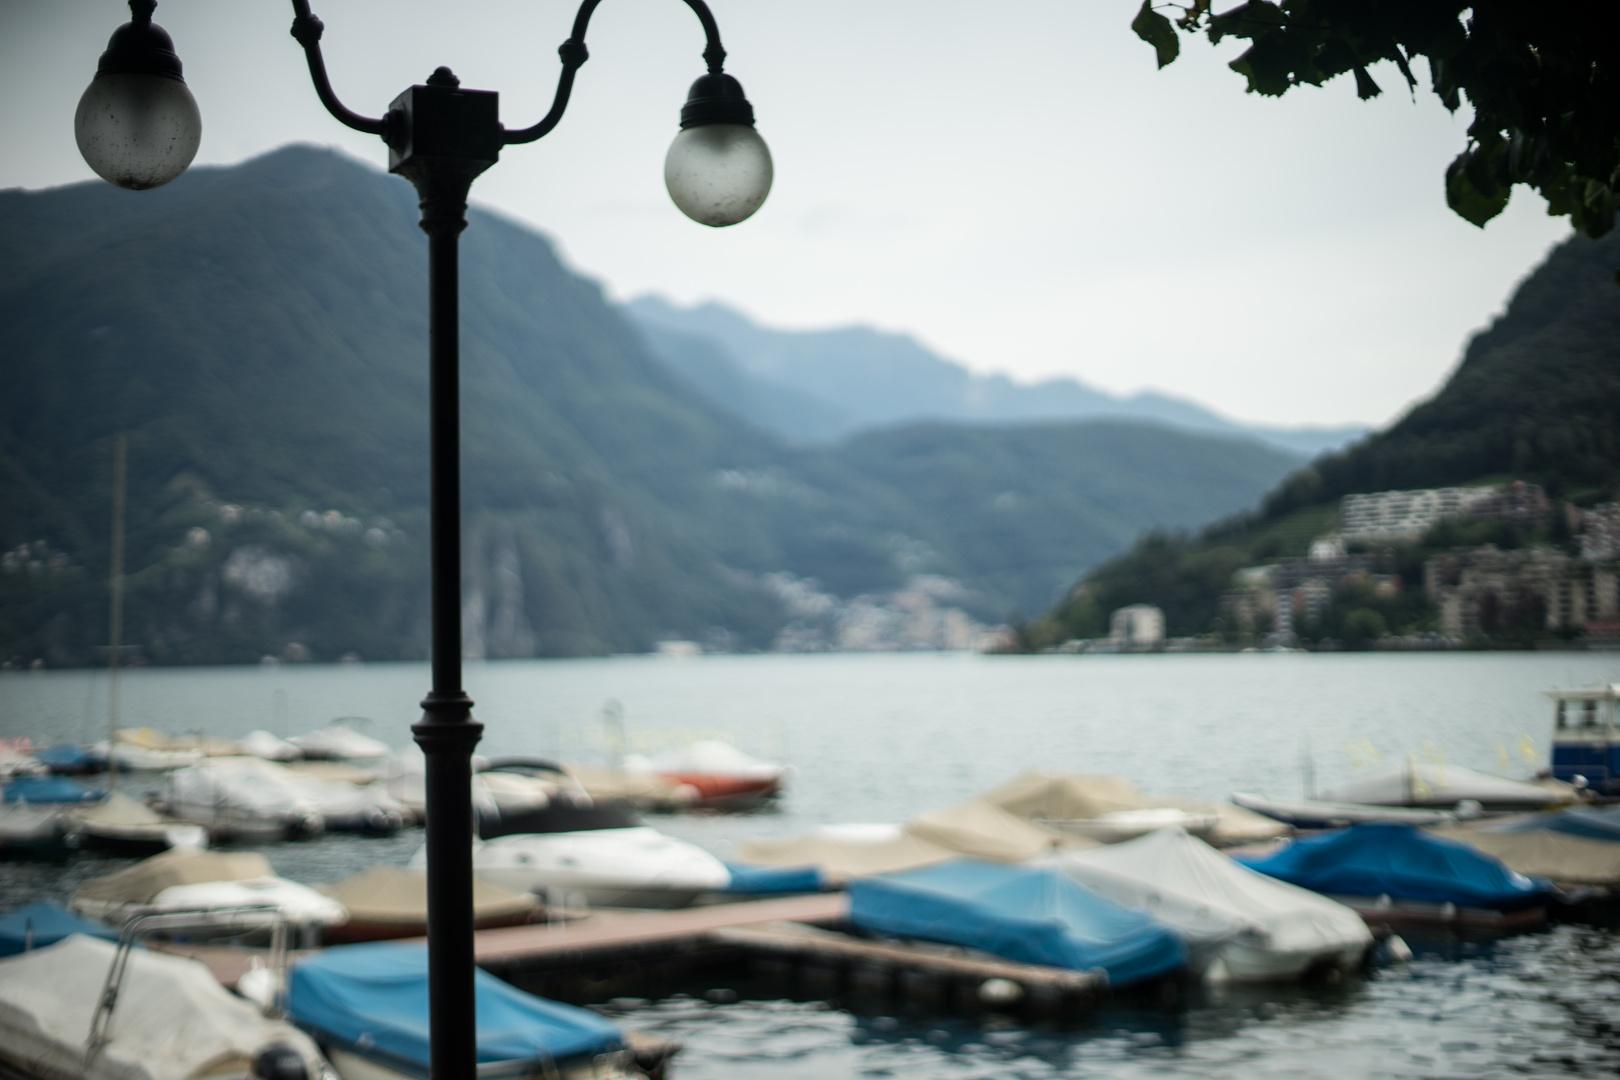 Lago Lugano / Luganer See